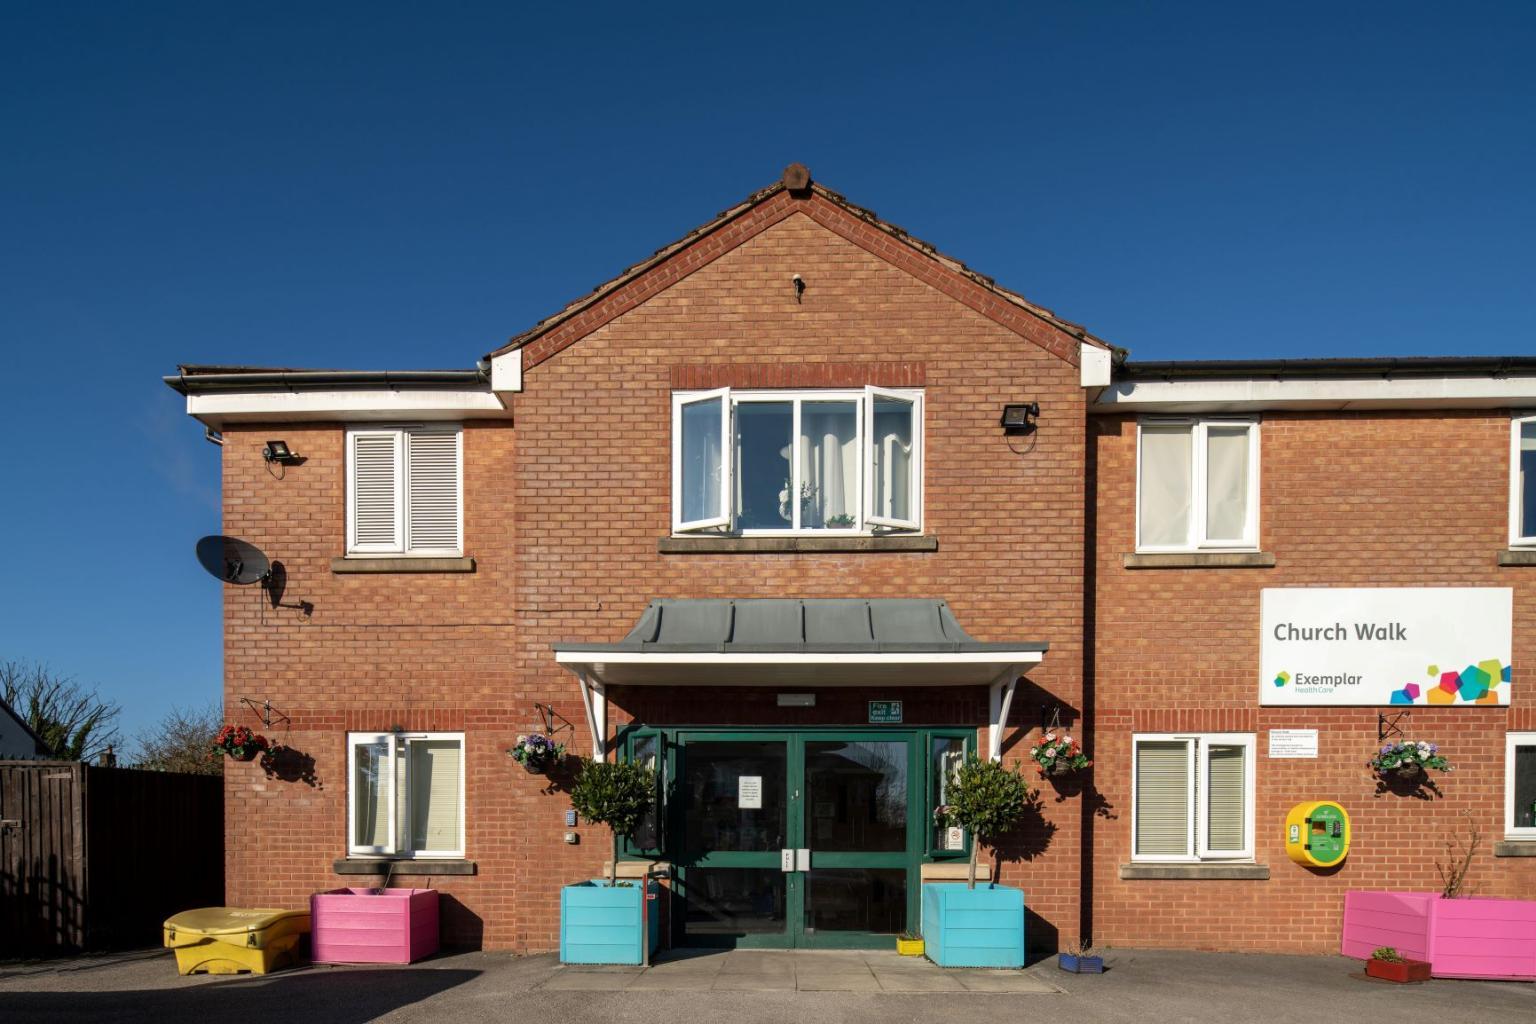 Church Walk care home in Rochdale